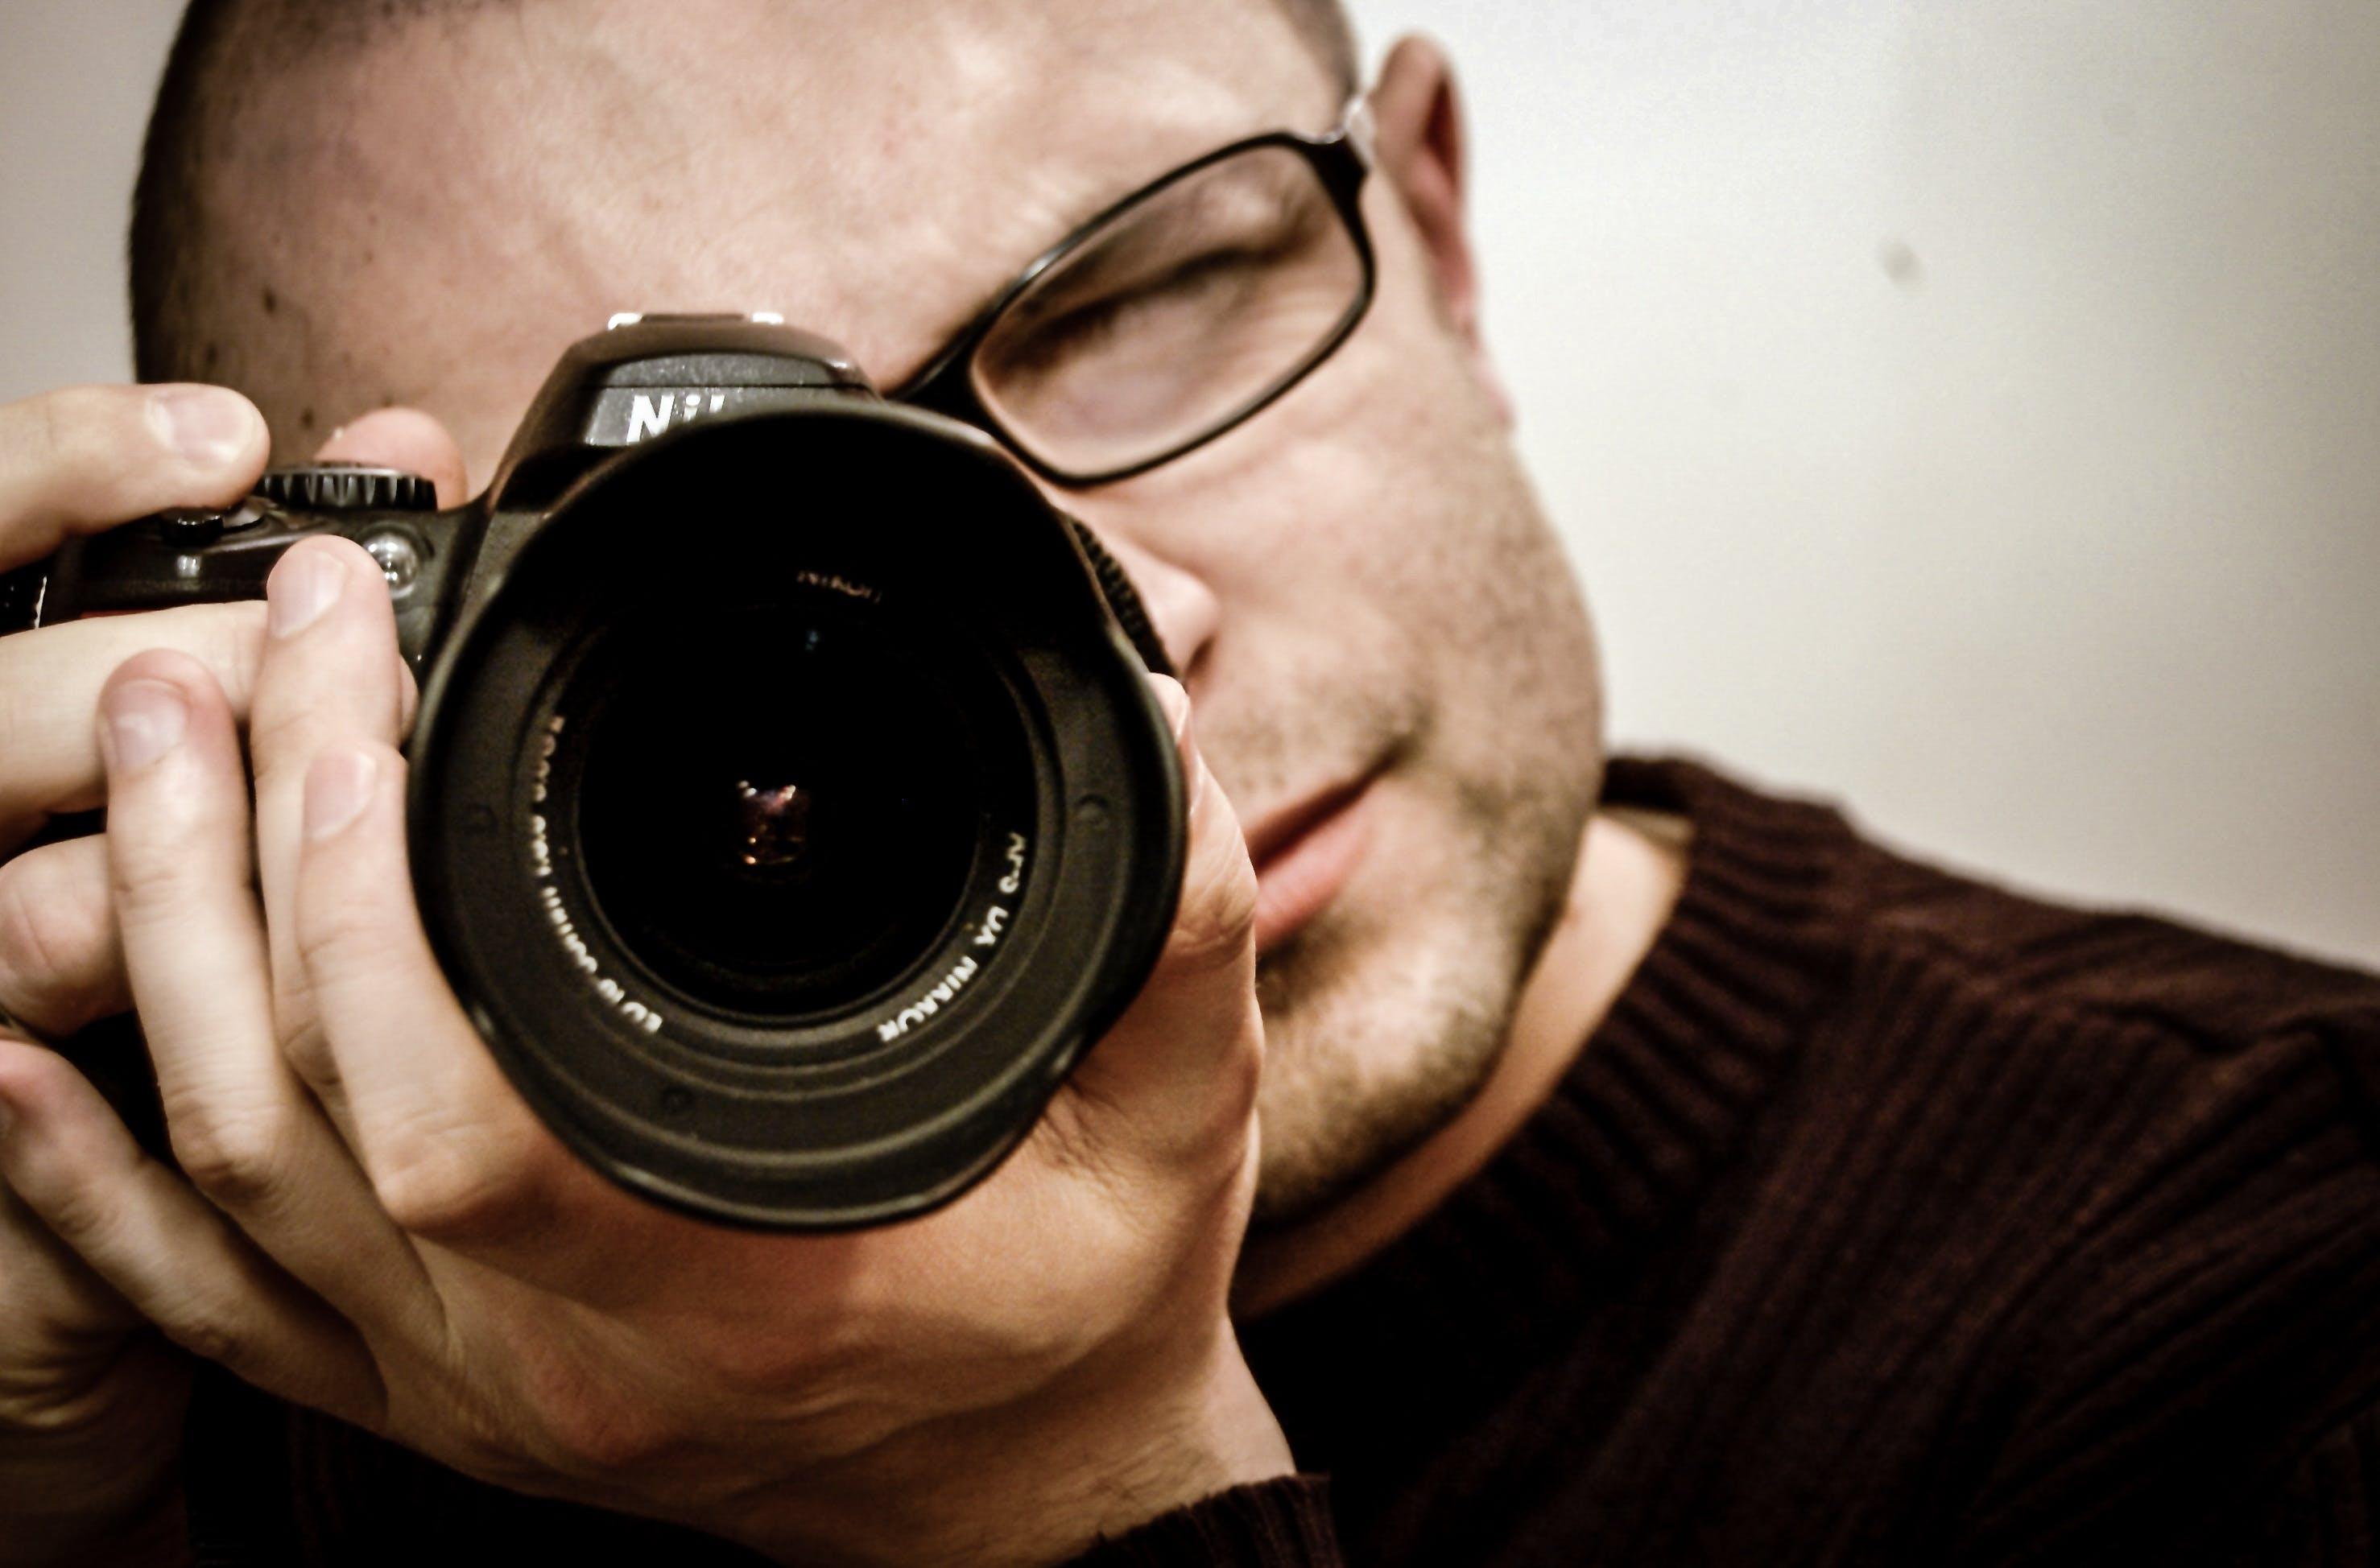 Gratis stockfoto met camera, cameralens, een foto nemen, elektronische apparatuur